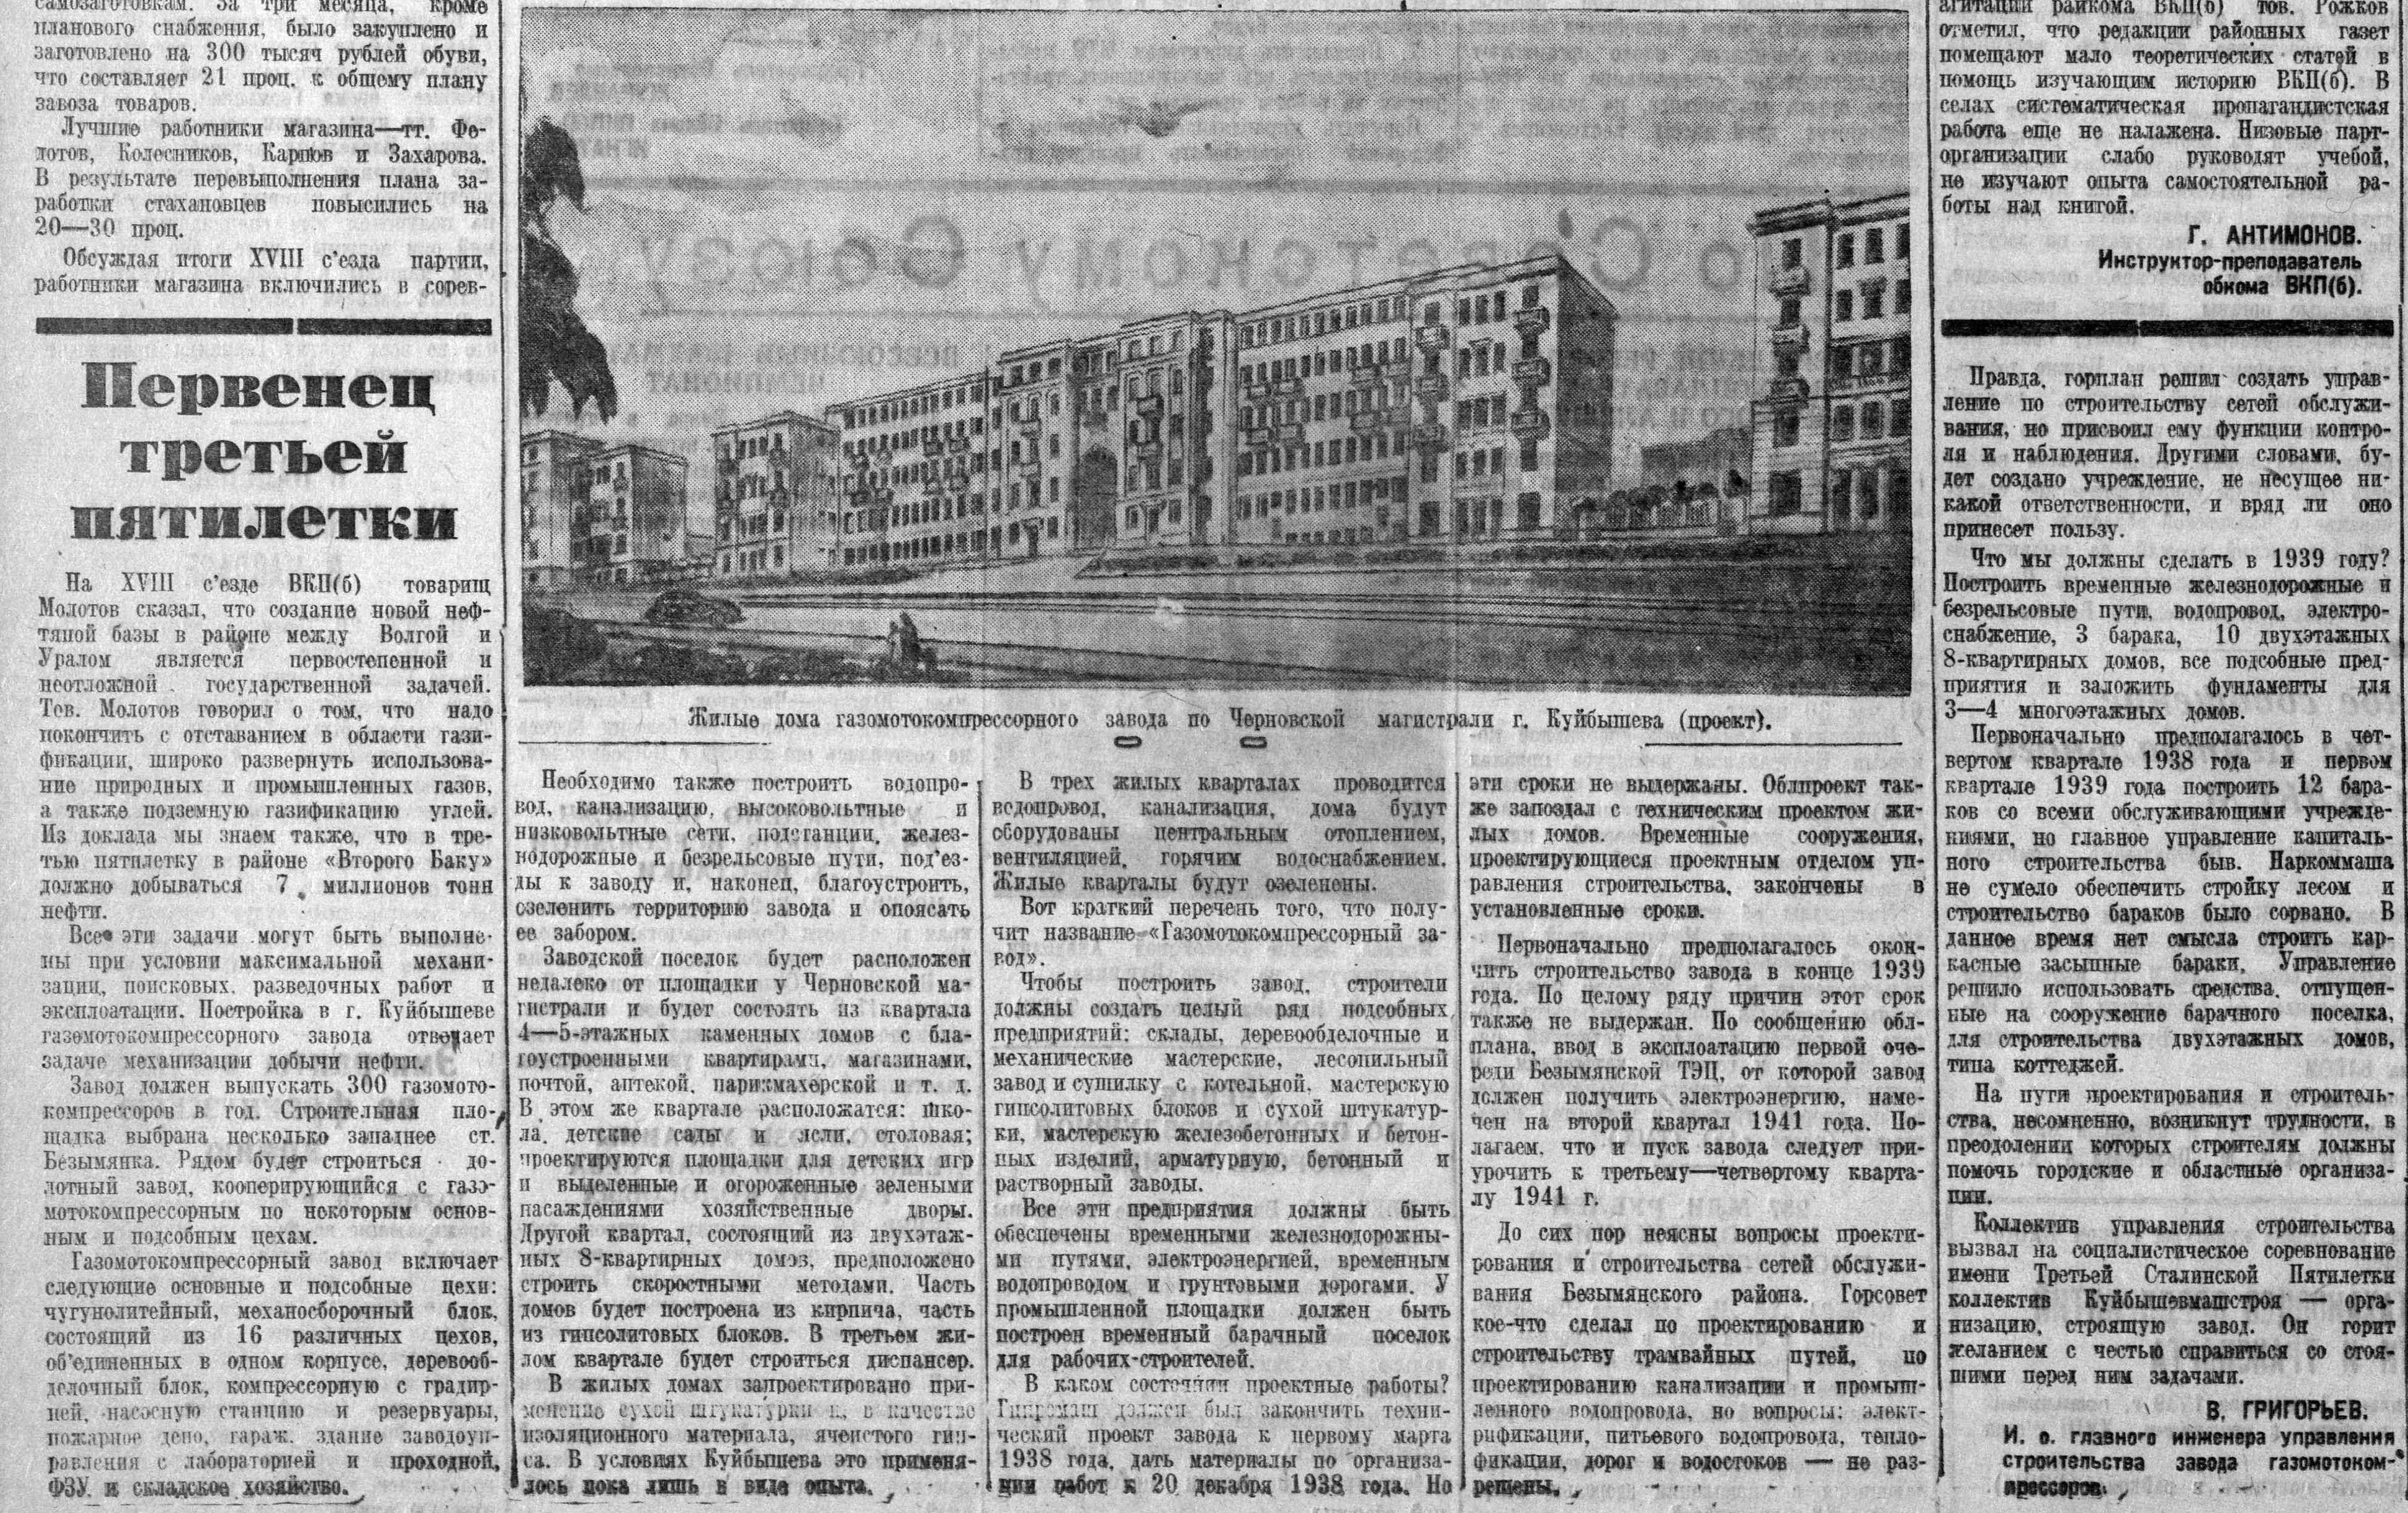 ФОТО-04-Брусчатый-ВКа-1939-04-21-планы Машстроя